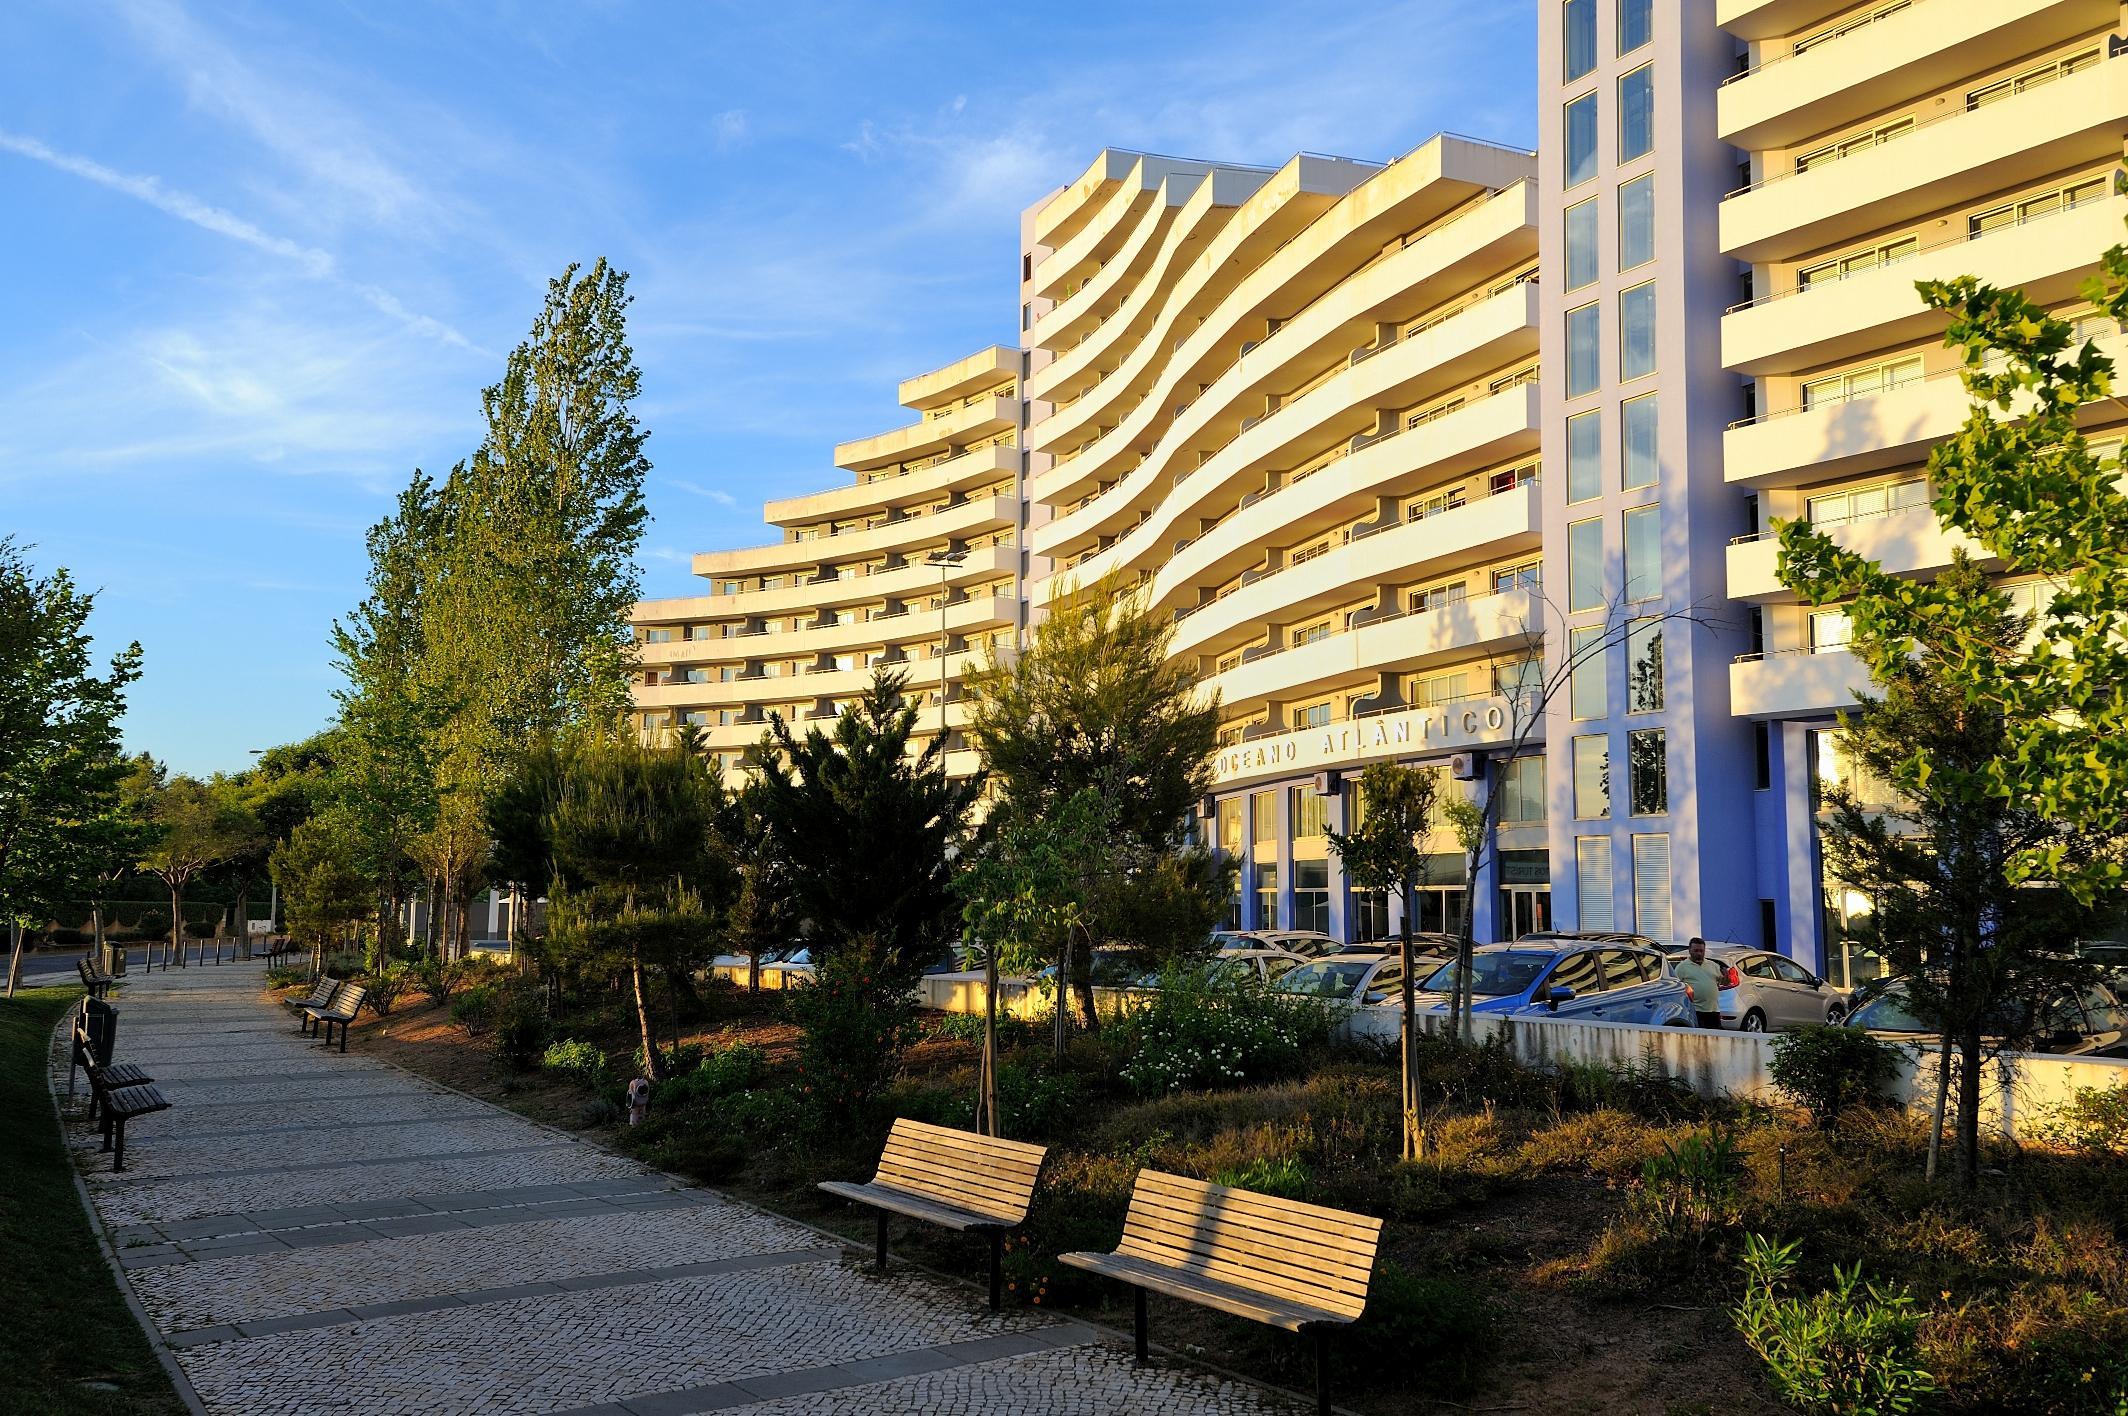 Oceano Atlantico Apartamentos Turisticos